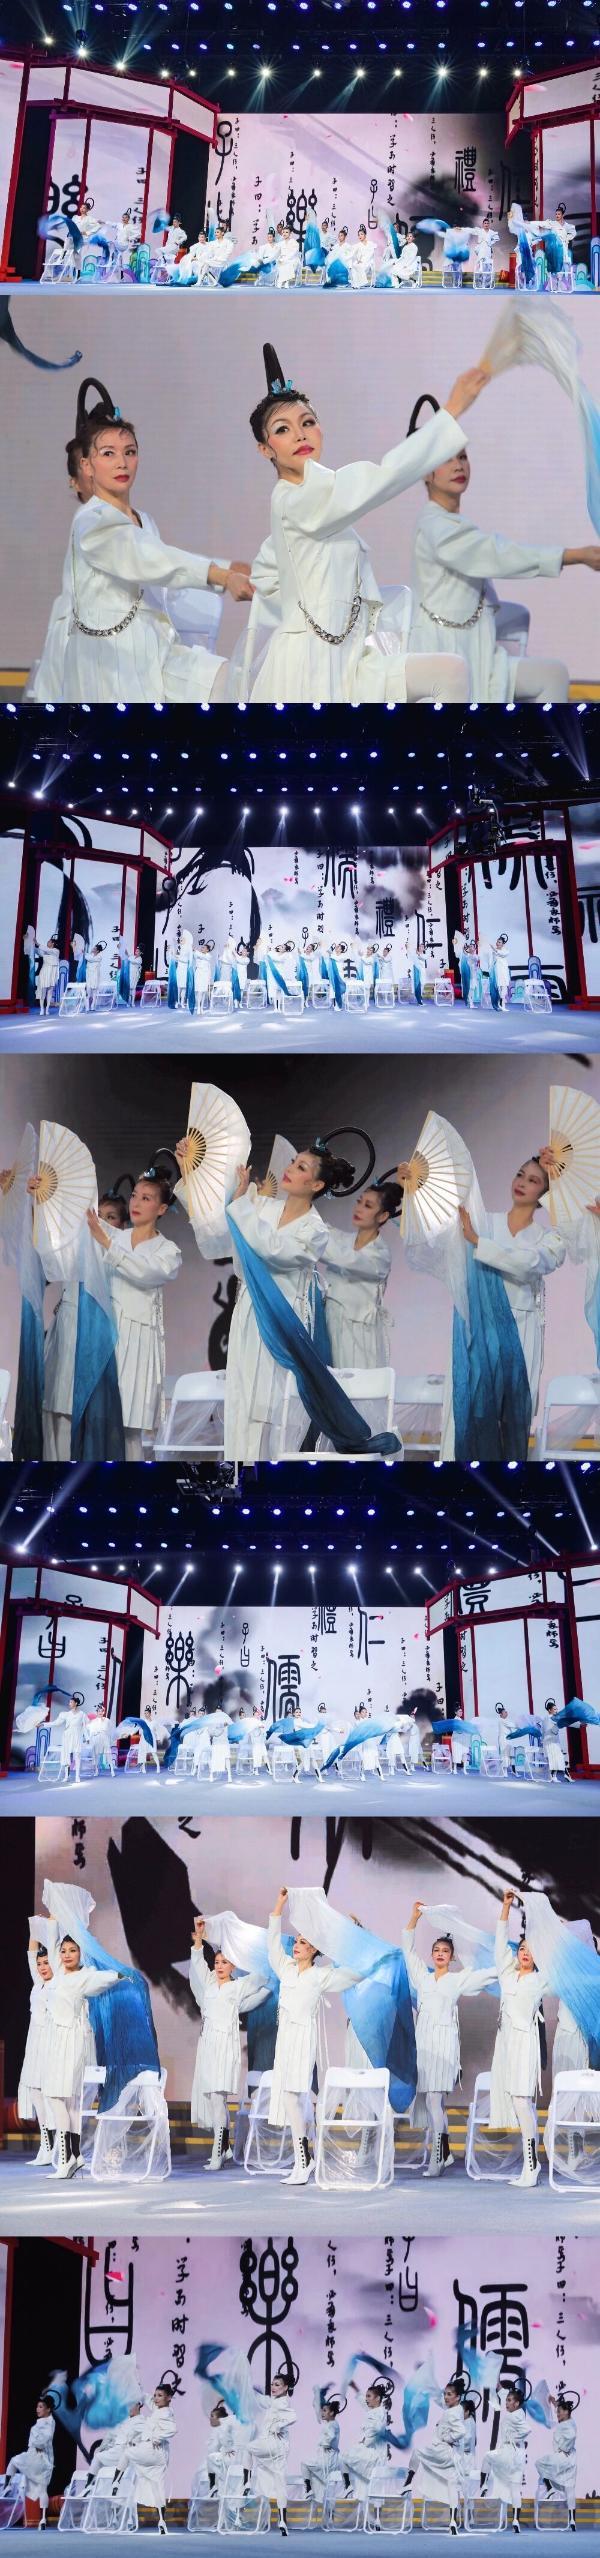 盛世迎春:当代美学艺术家西陵迦赫将再登春晚舞台